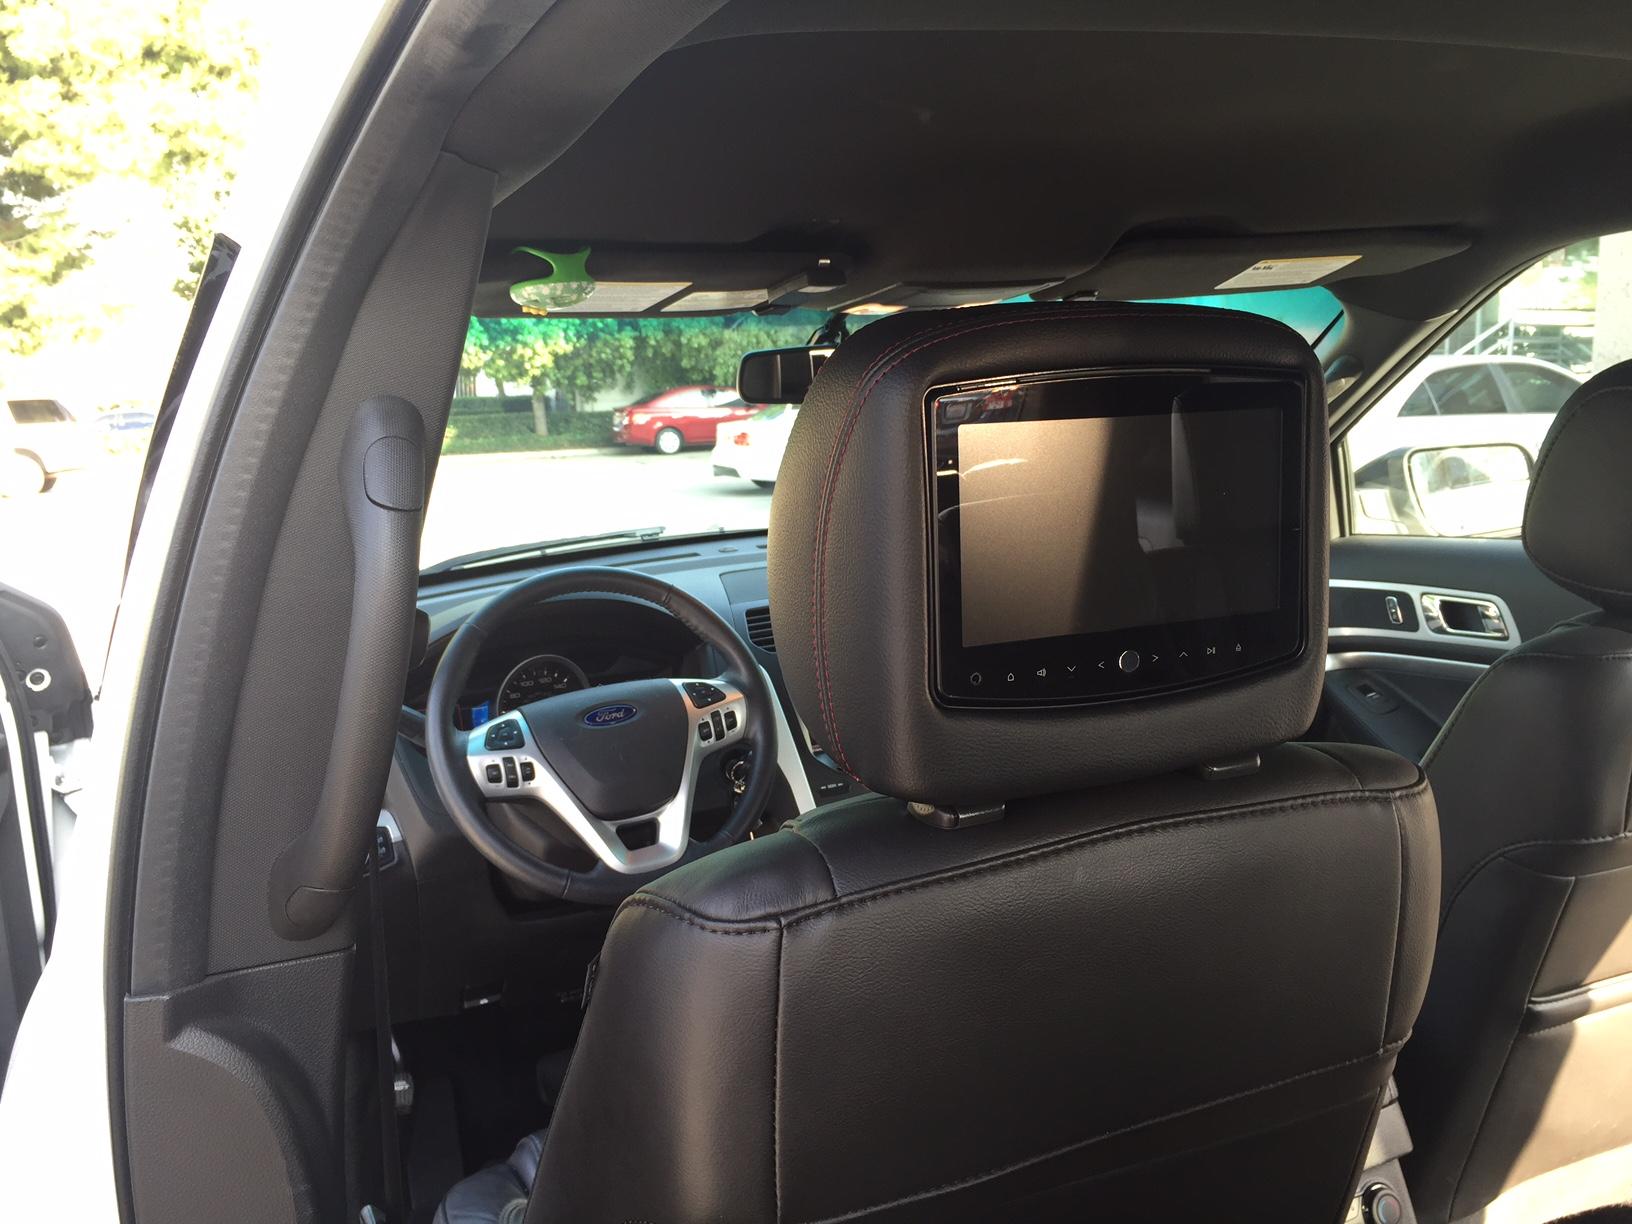 Rosen 8 Dual DVD Headrest System ADC Mobile